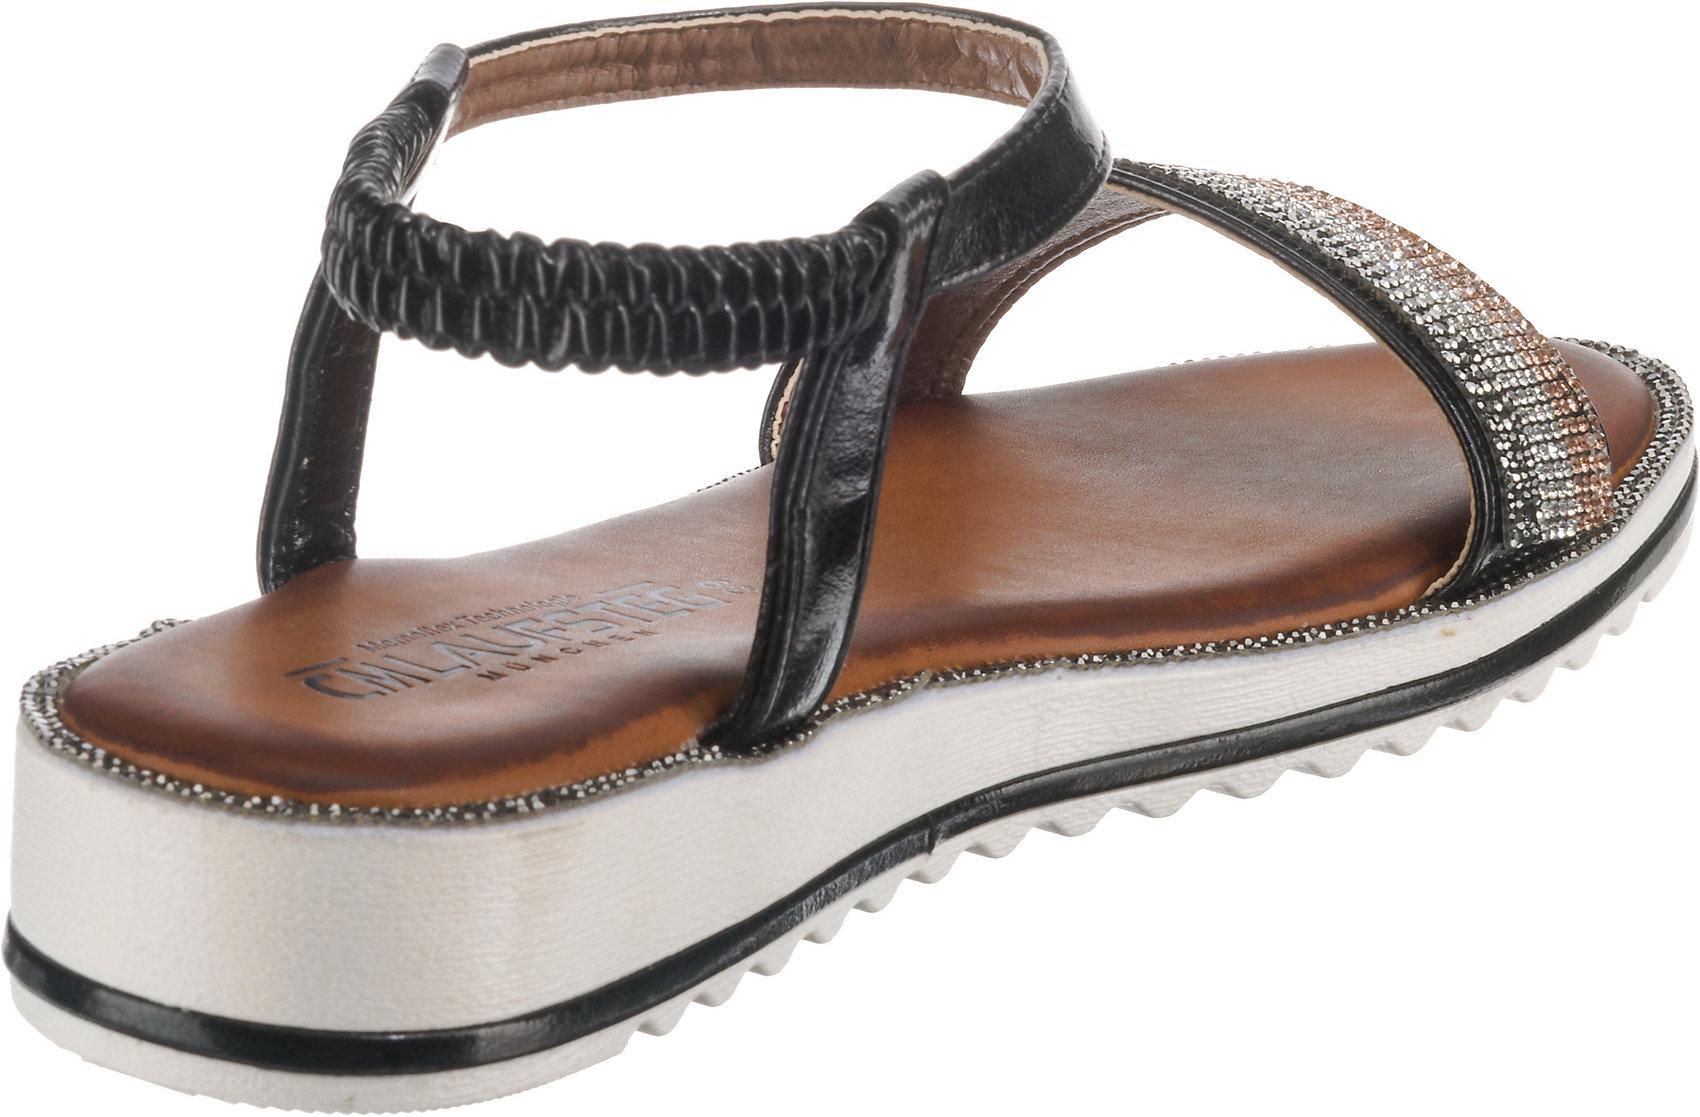 Neu Laufsteg München Klassische Sandaletten Sandaletten Sandaletten 10227587 für Damen 422264